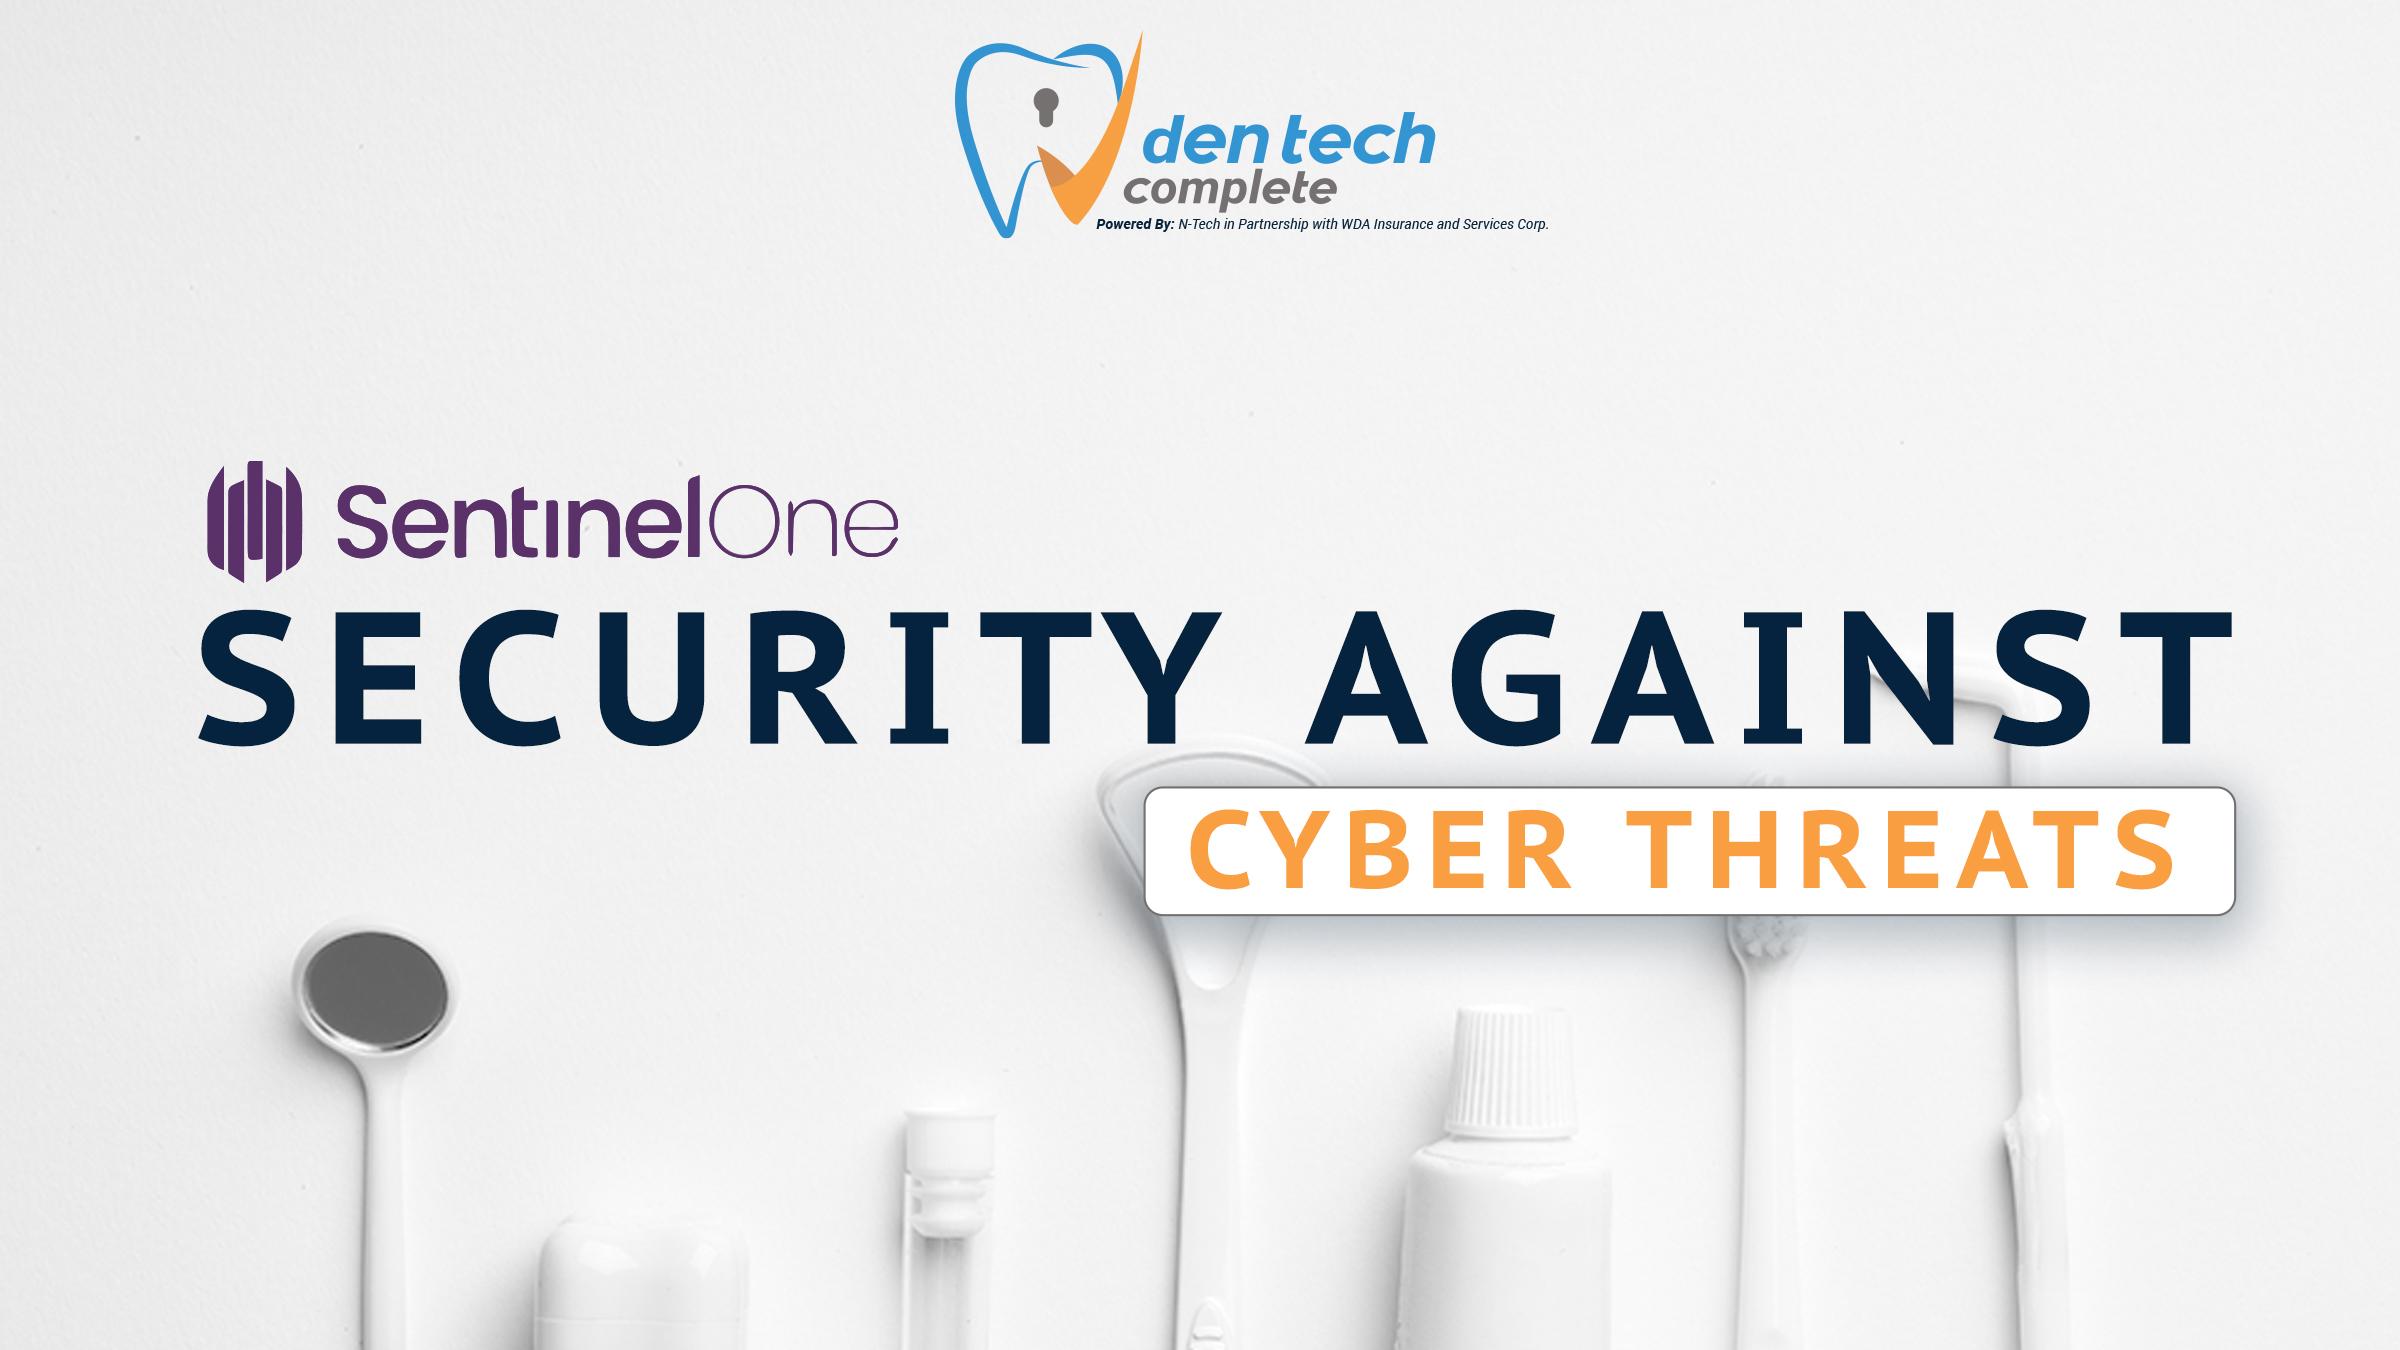 DenTech_Blog_SentinelOne